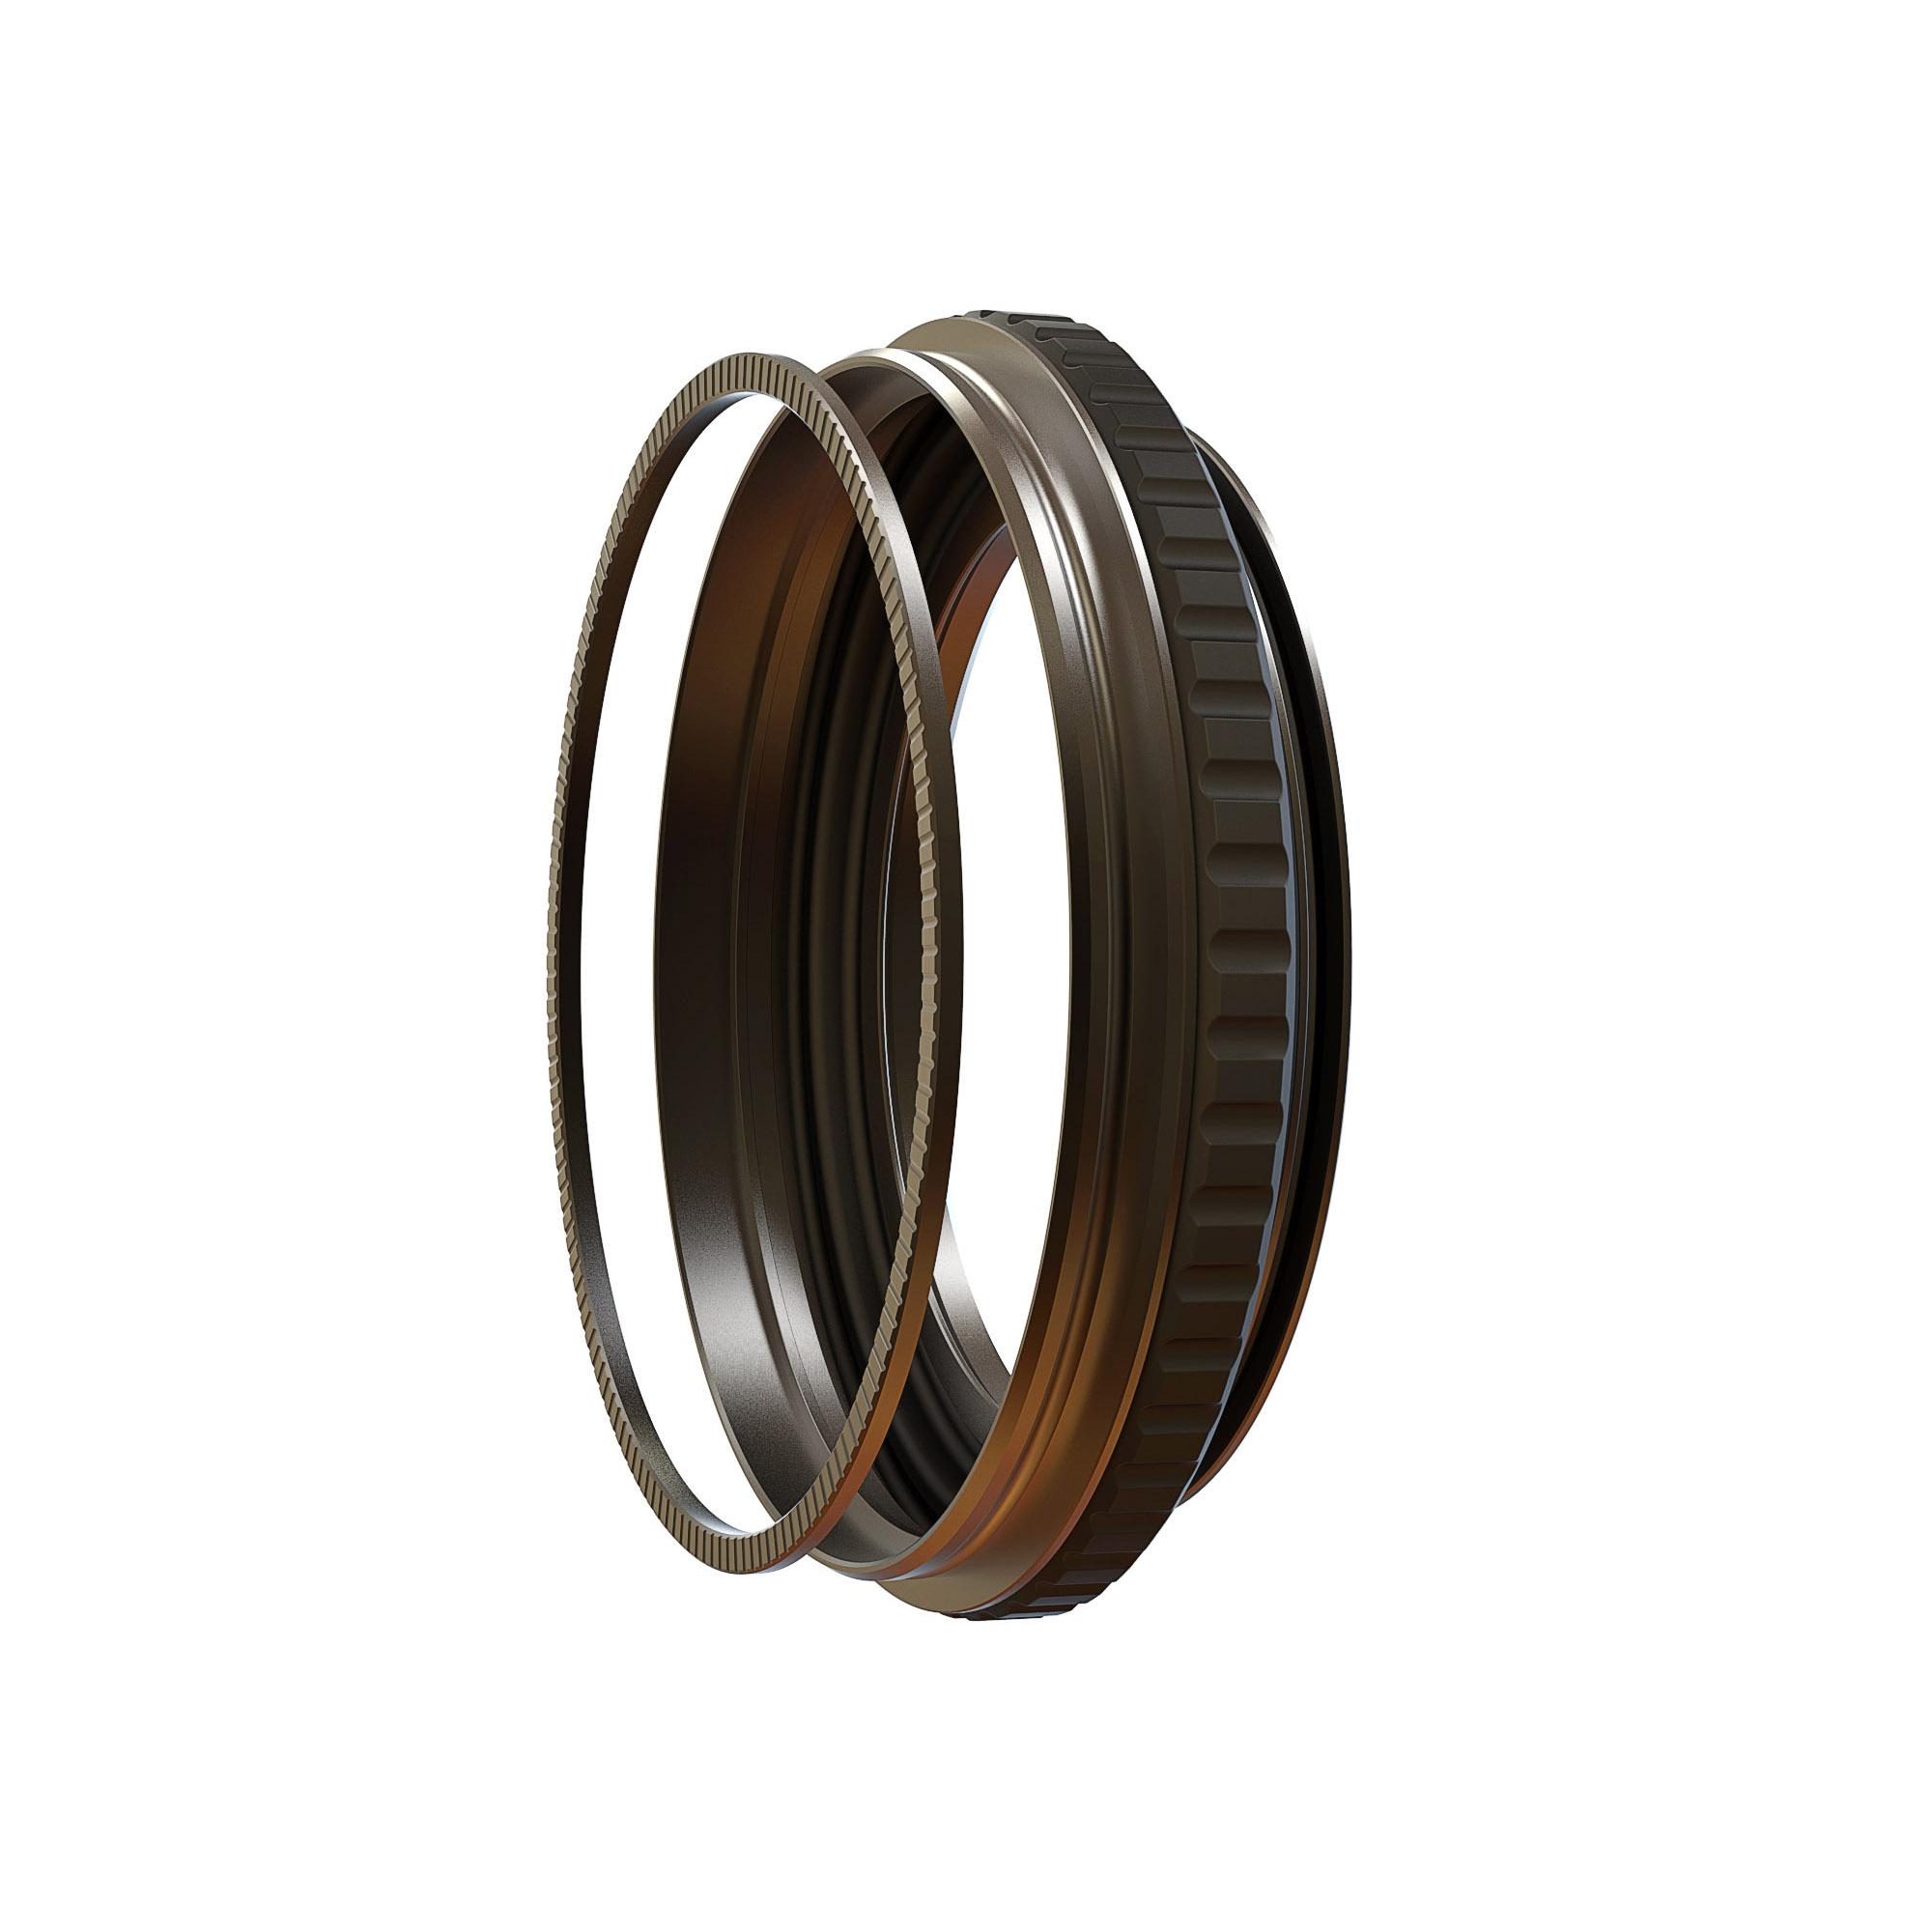 B1250.1001 143mm Donut 114mm Threaded Ring 4